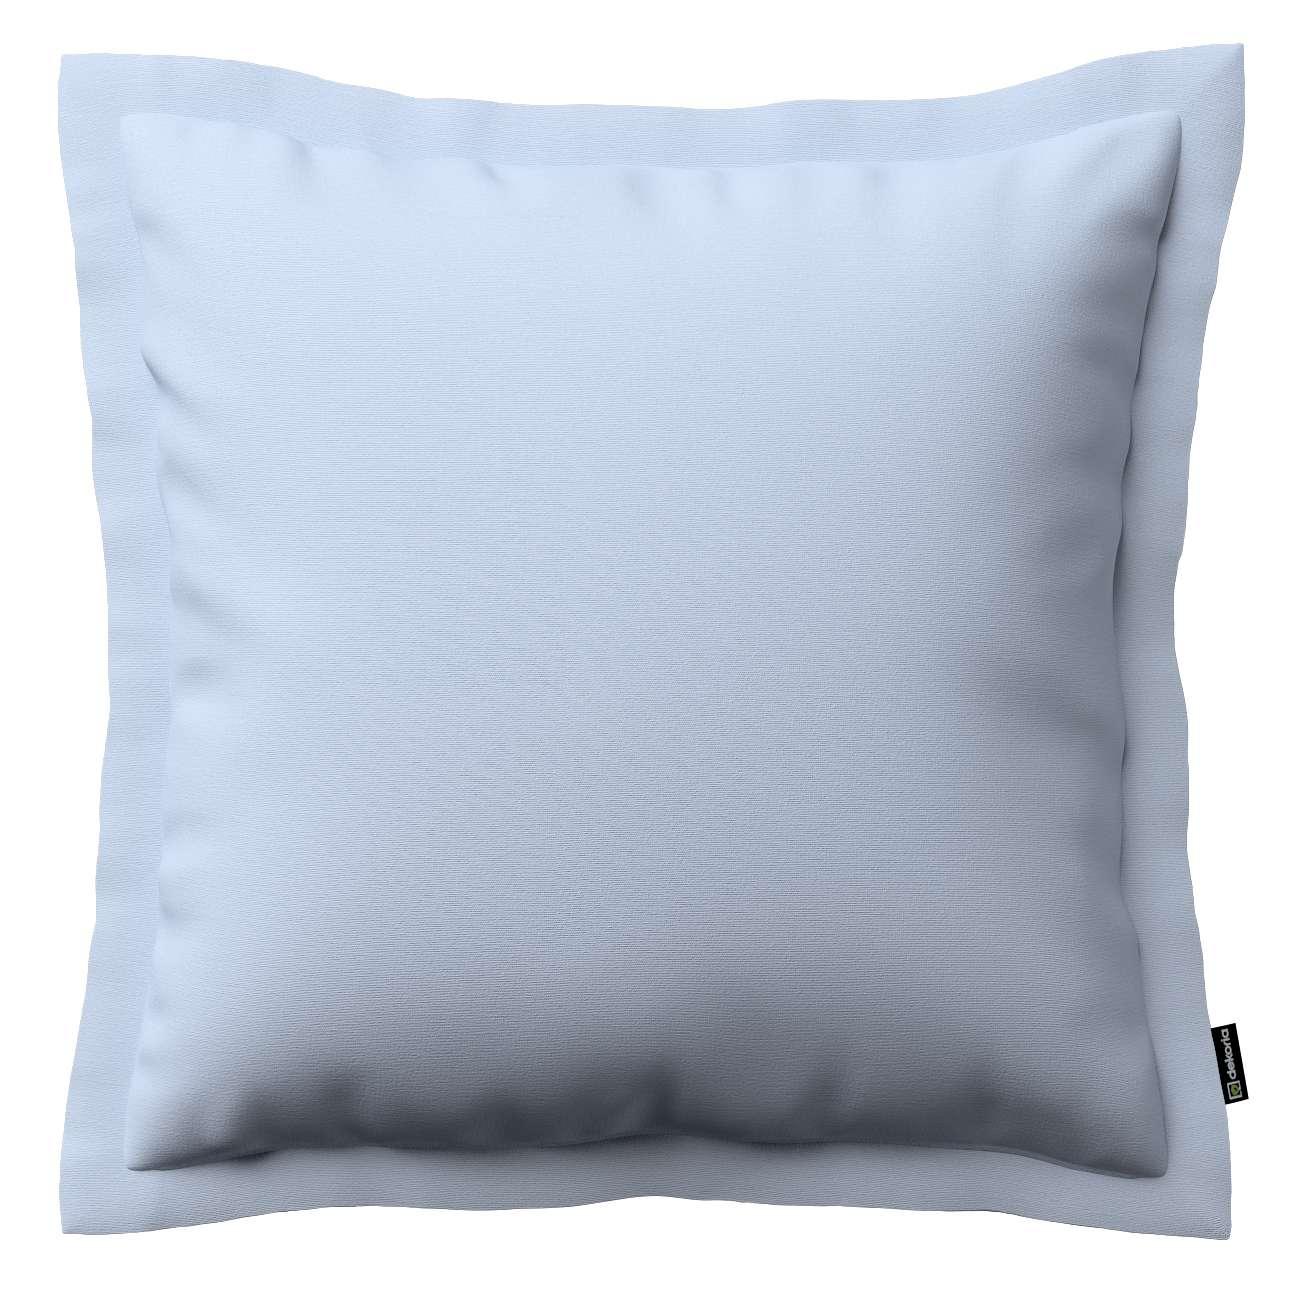 Mona dekoratyvinių pagalvėlių užvalkalas su sienele 38 x 38 cm kolekcijoje Loneta , audinys: 133-35